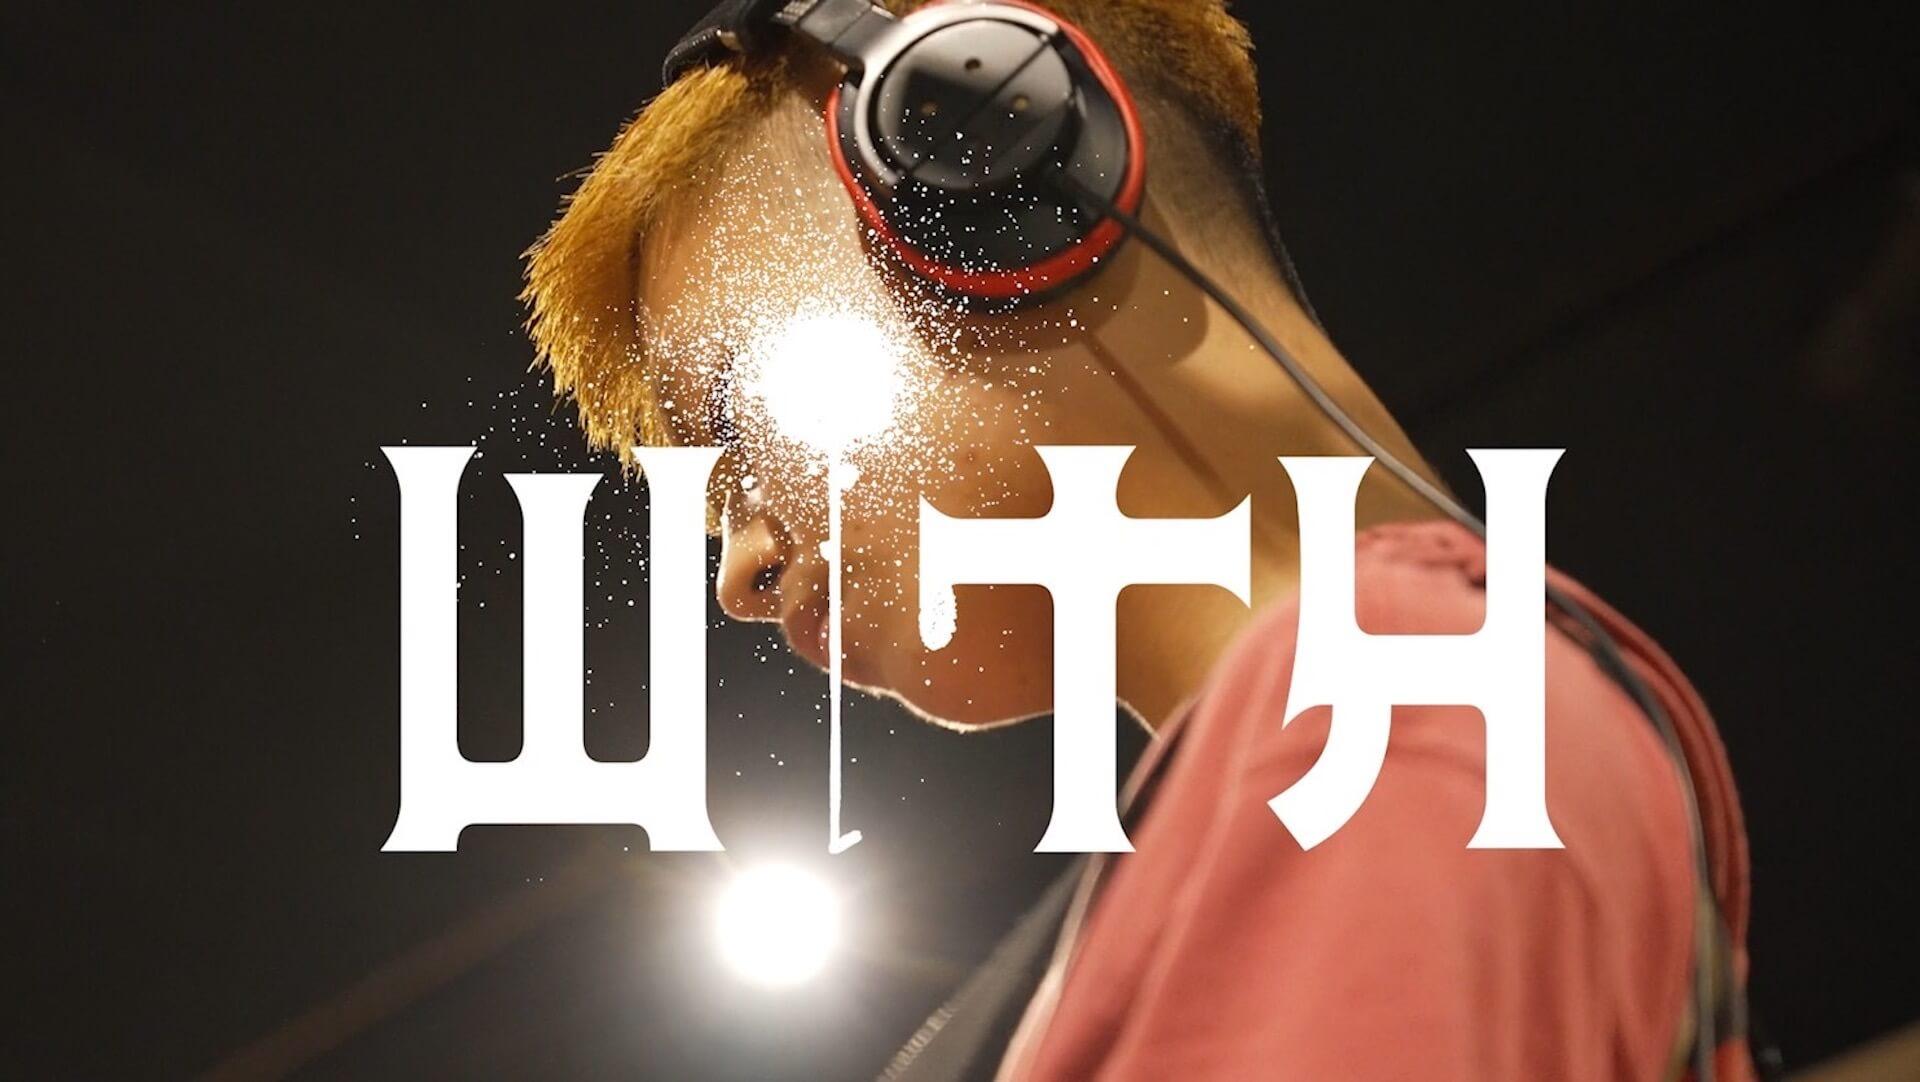 GEZANとマヒト監督の映画『i ai』に迫るドキュメンタリー『#WiTH』が期間限定で公開|森山未來、平体雄二らも参加 film210921_iai_5